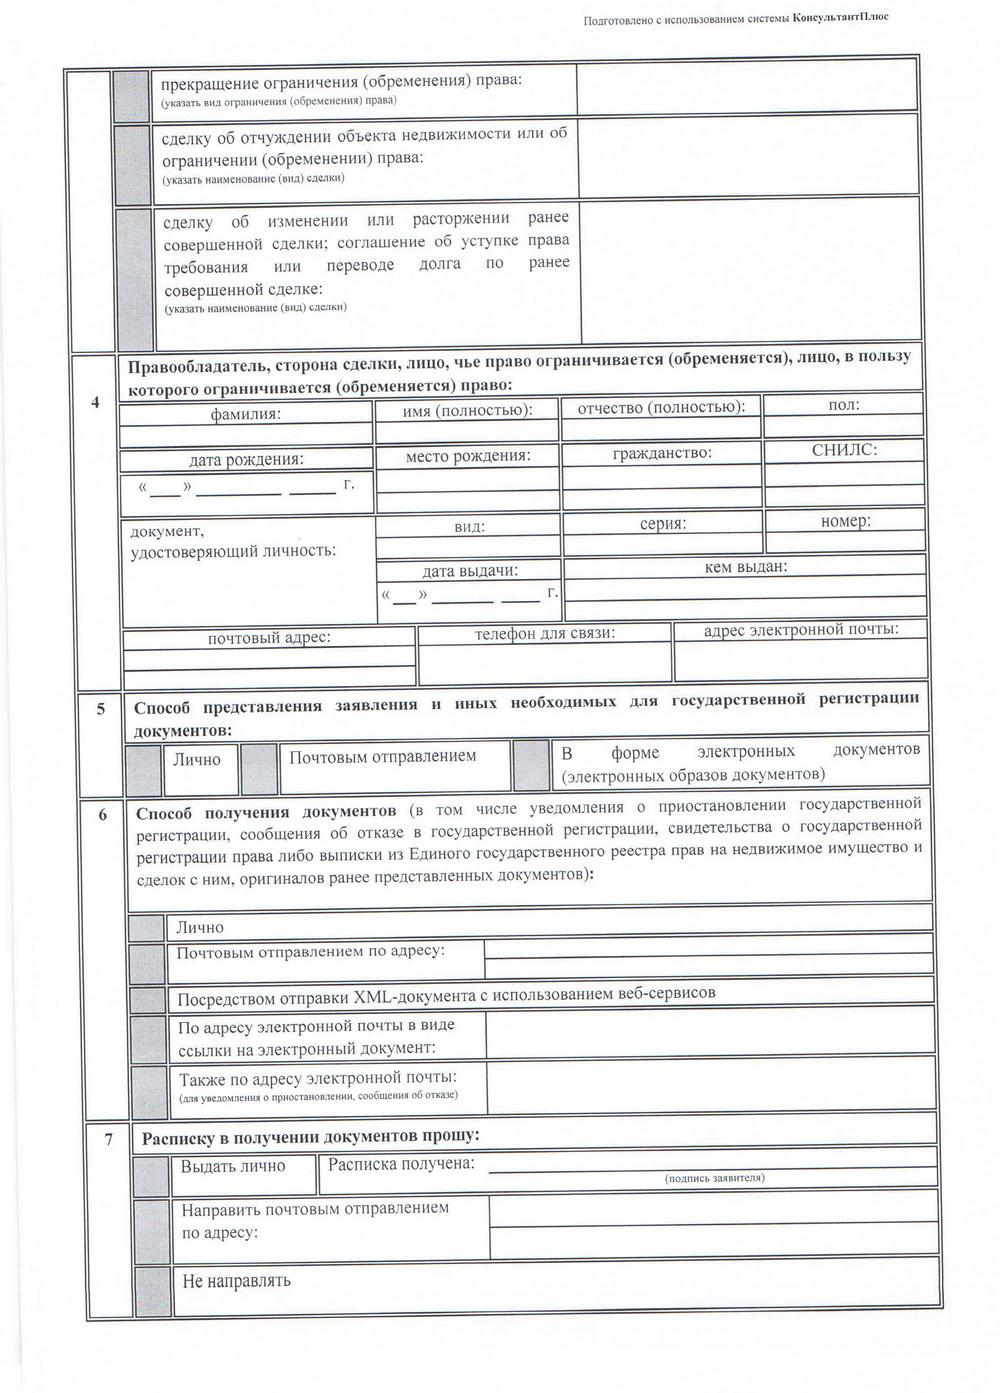 образец заявление о гос регистрации права на недвижимое имущество сознания